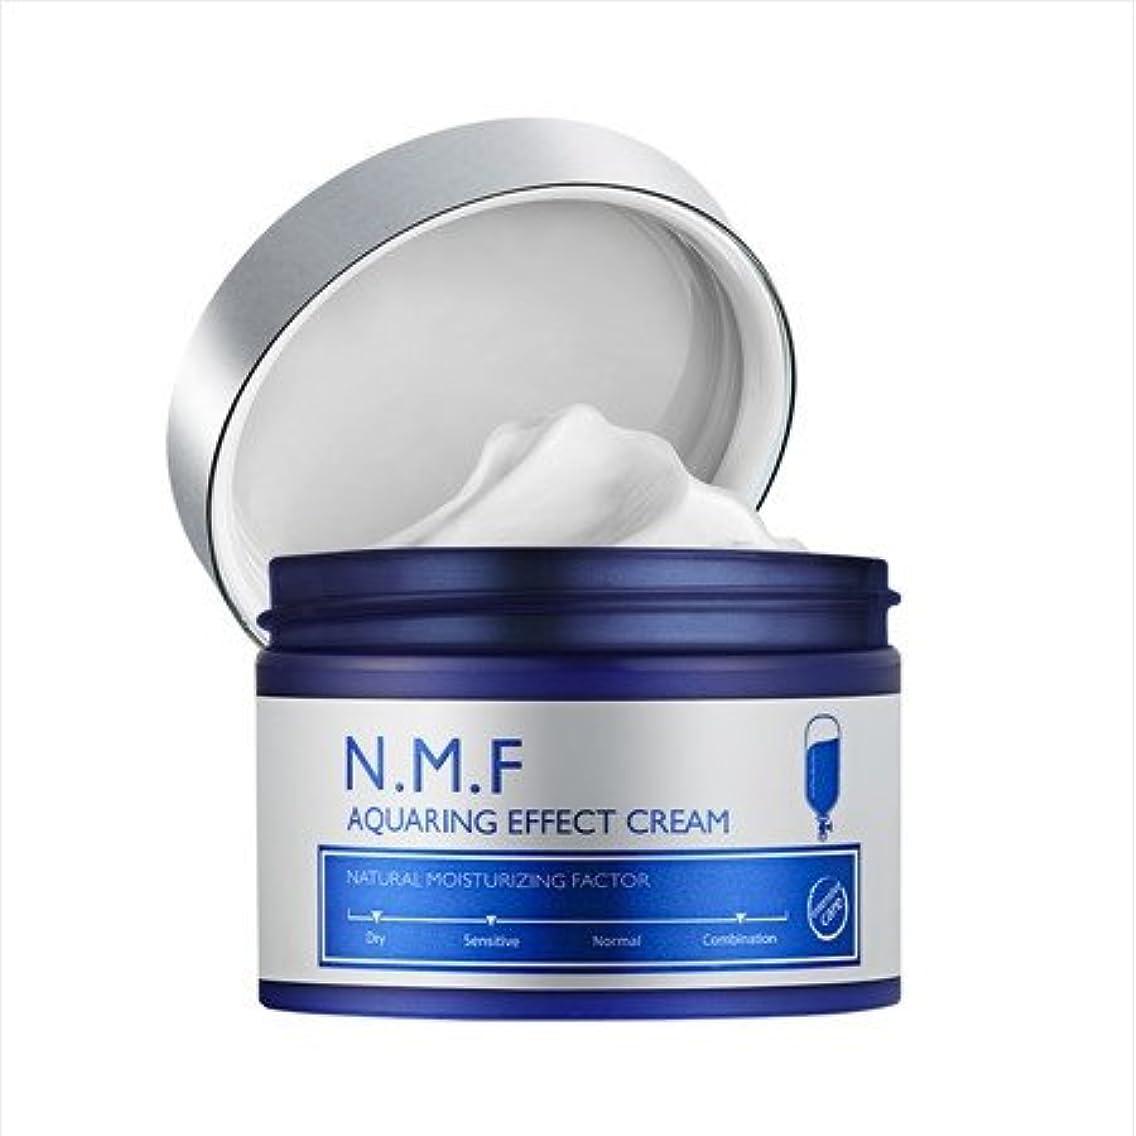 ブランク協力するクロスメディヒール Mediheal N.M.F クアリングエフェクトクリームNMF Aqua Ring Effect Cream 50ml [並行輸入品]